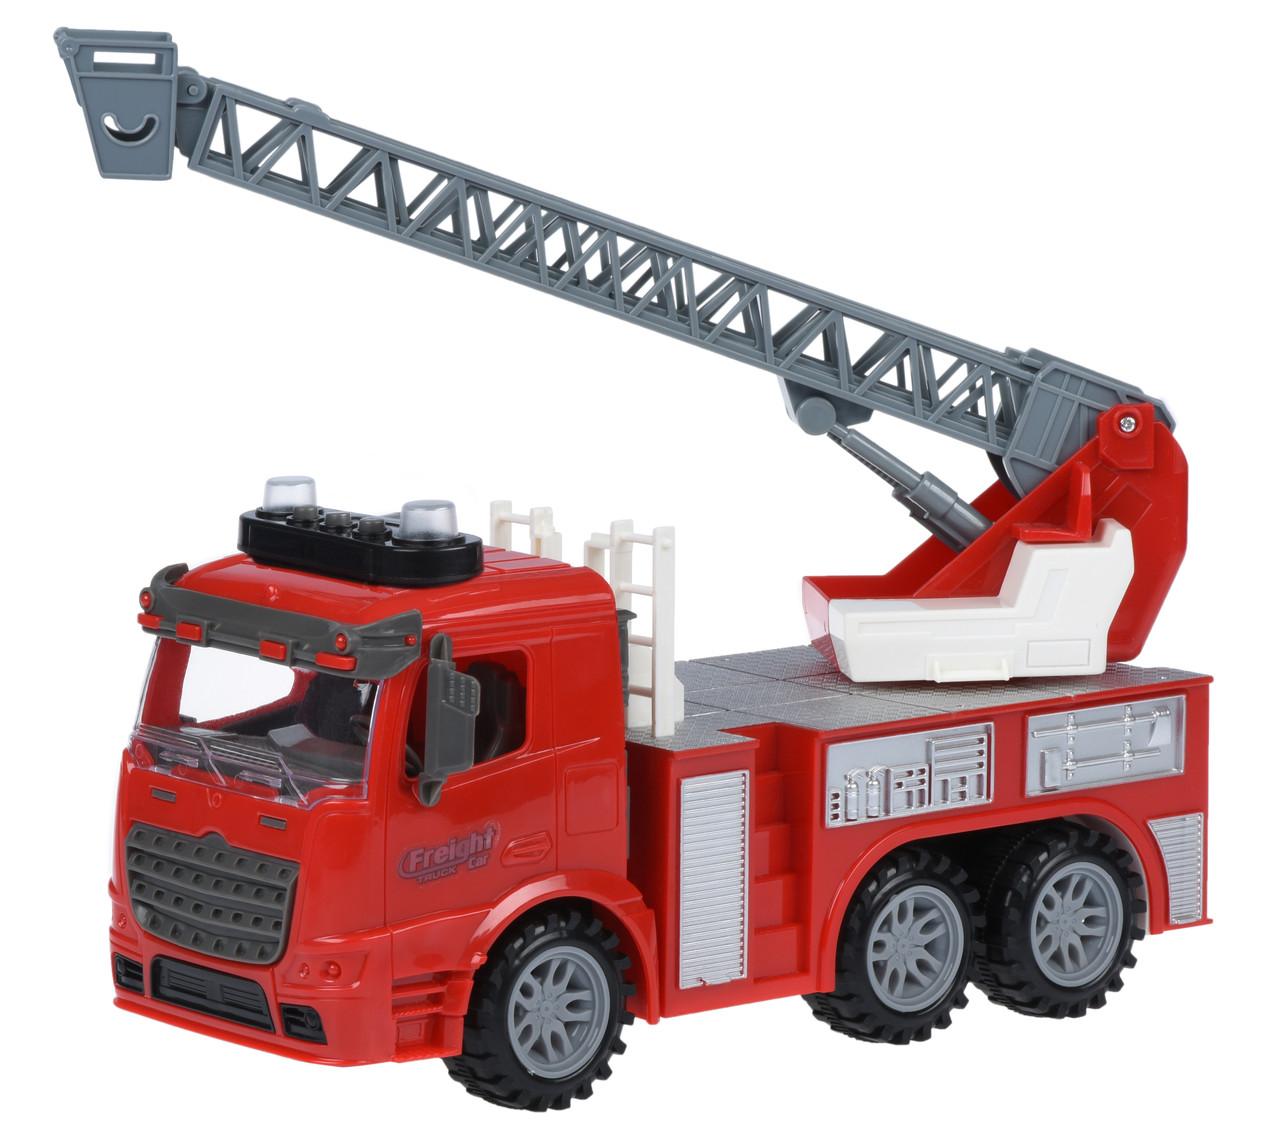 Машинка инерционная Truck Пожарная с выдвижной лестницей со светом и звуком (98-616AUt)